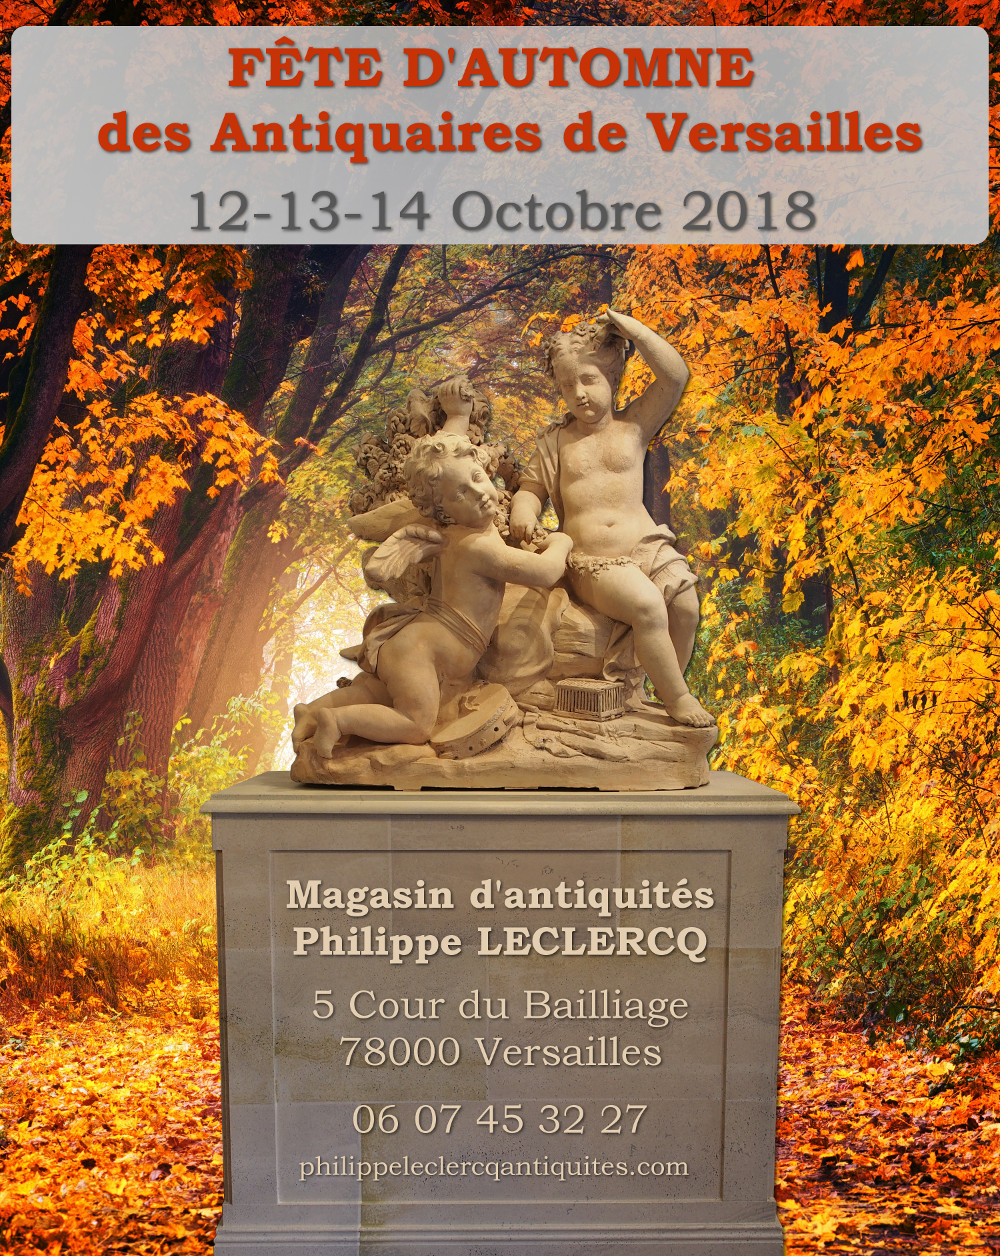 affiche fete automne 2018 antiquaires